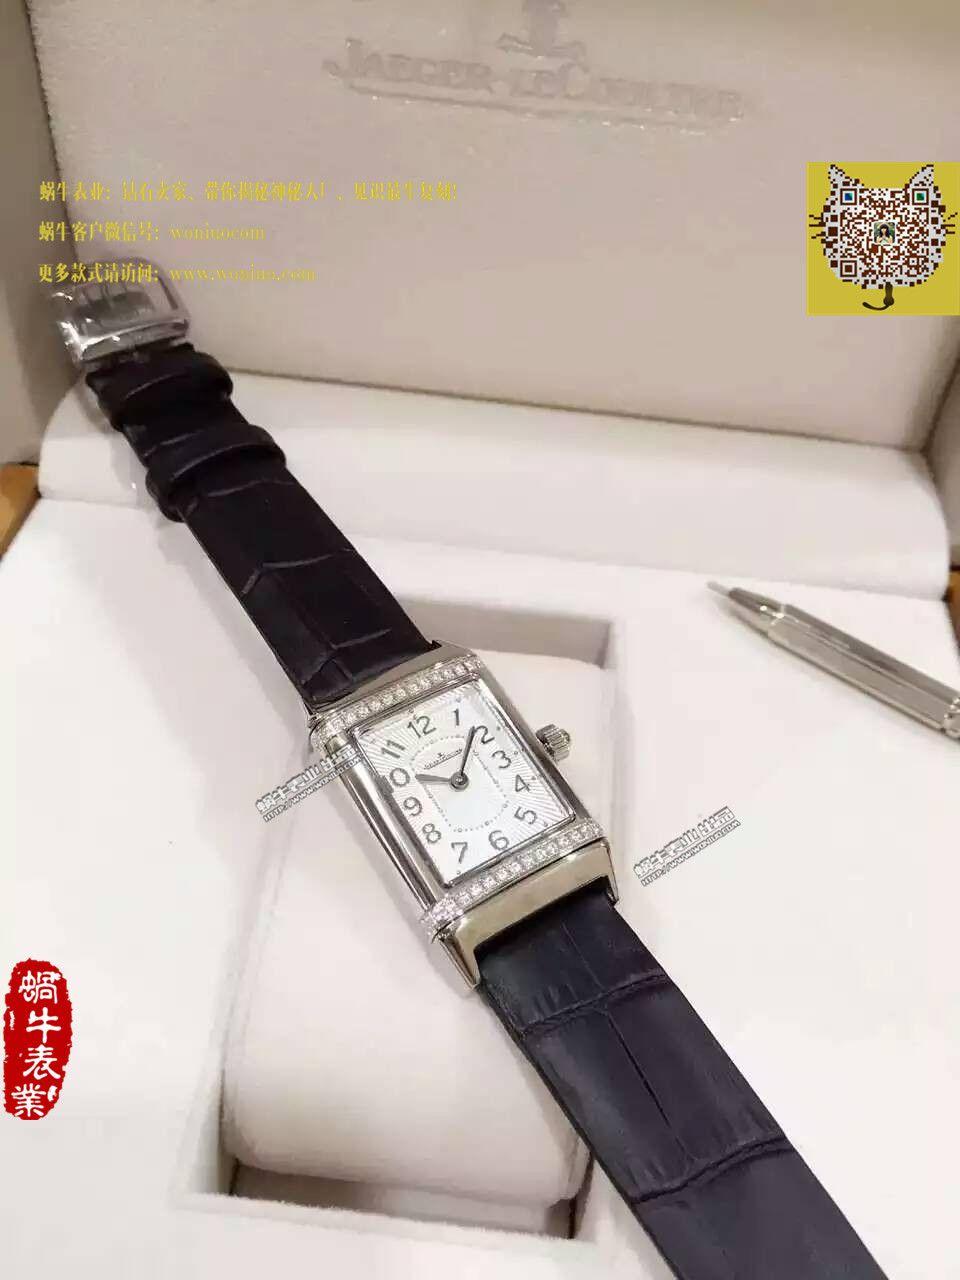 【一比一超A精仿手表】积家翻转系列腕表系列Q3208121女士腕表 / JJ074